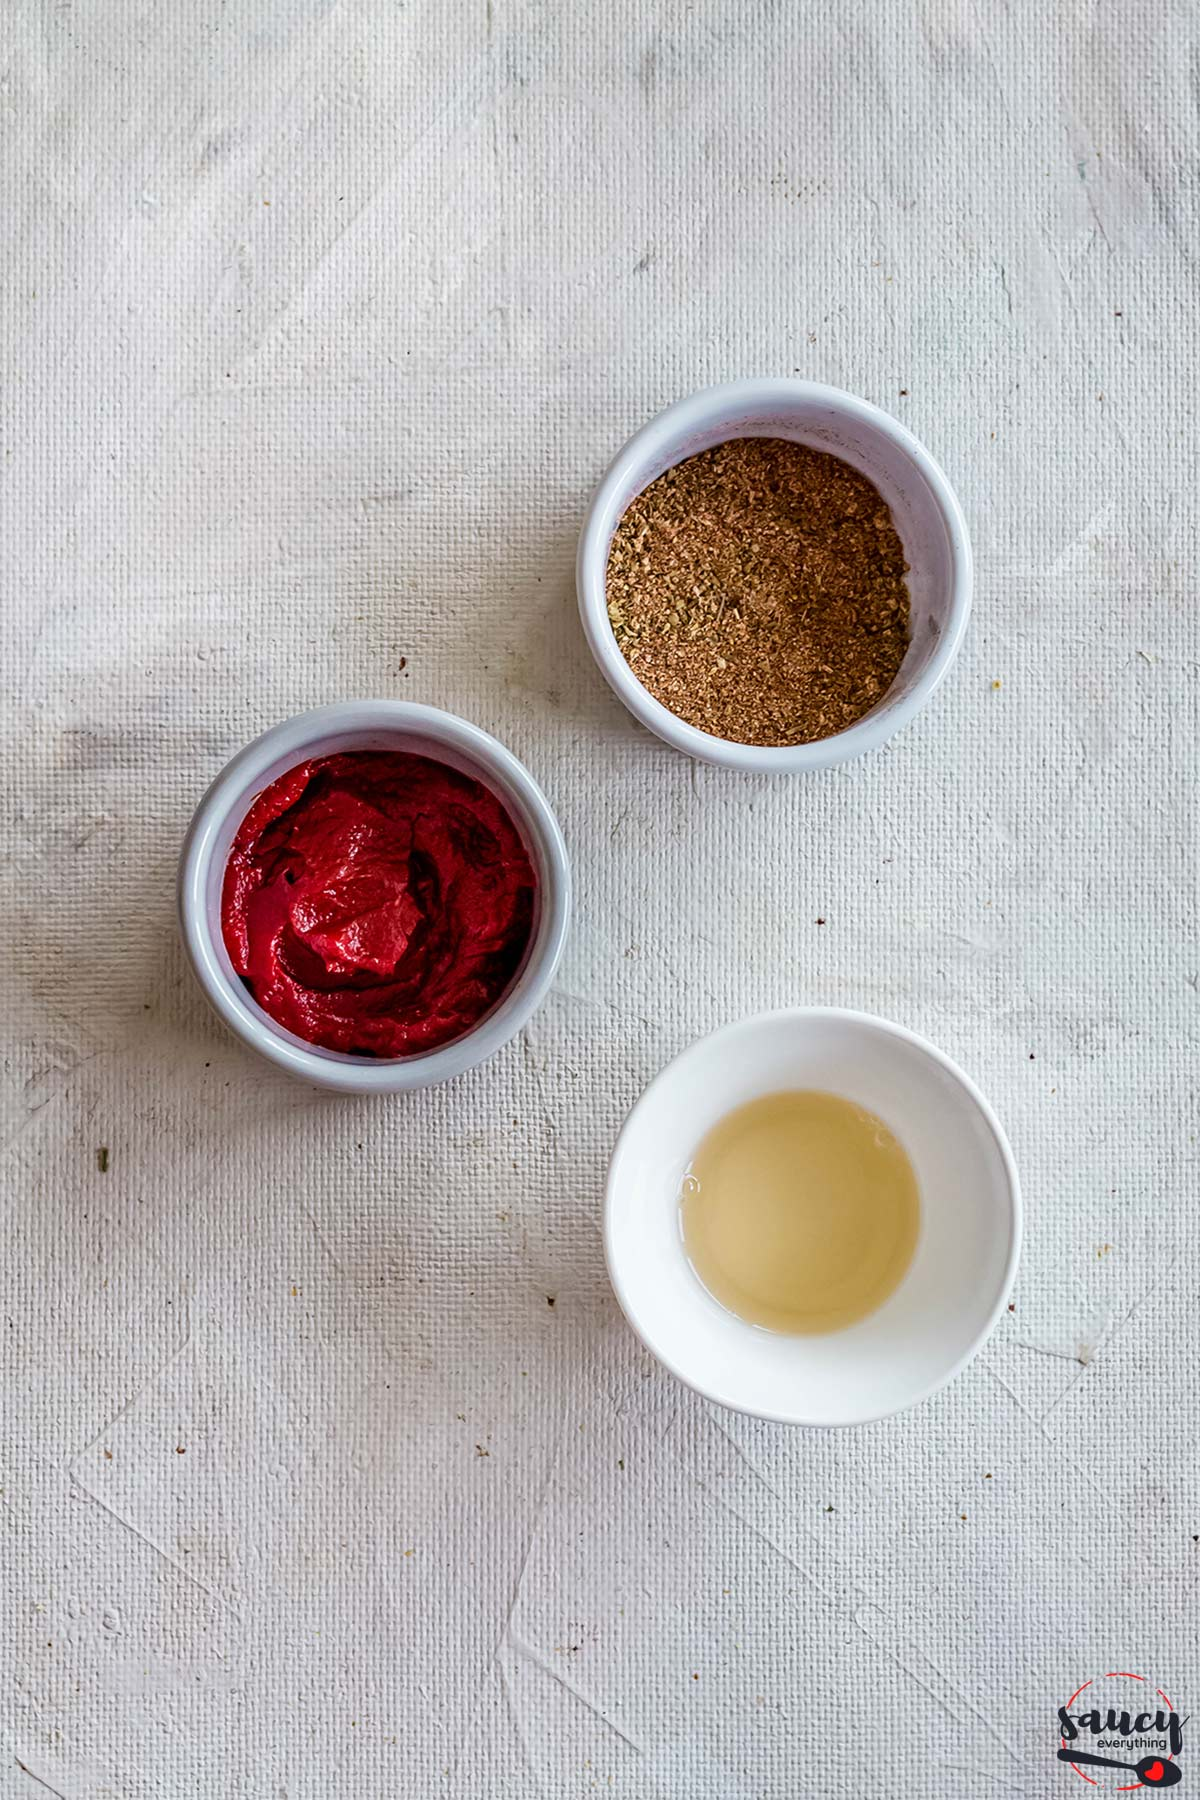 ingredients for meatloaf glaze in bowls